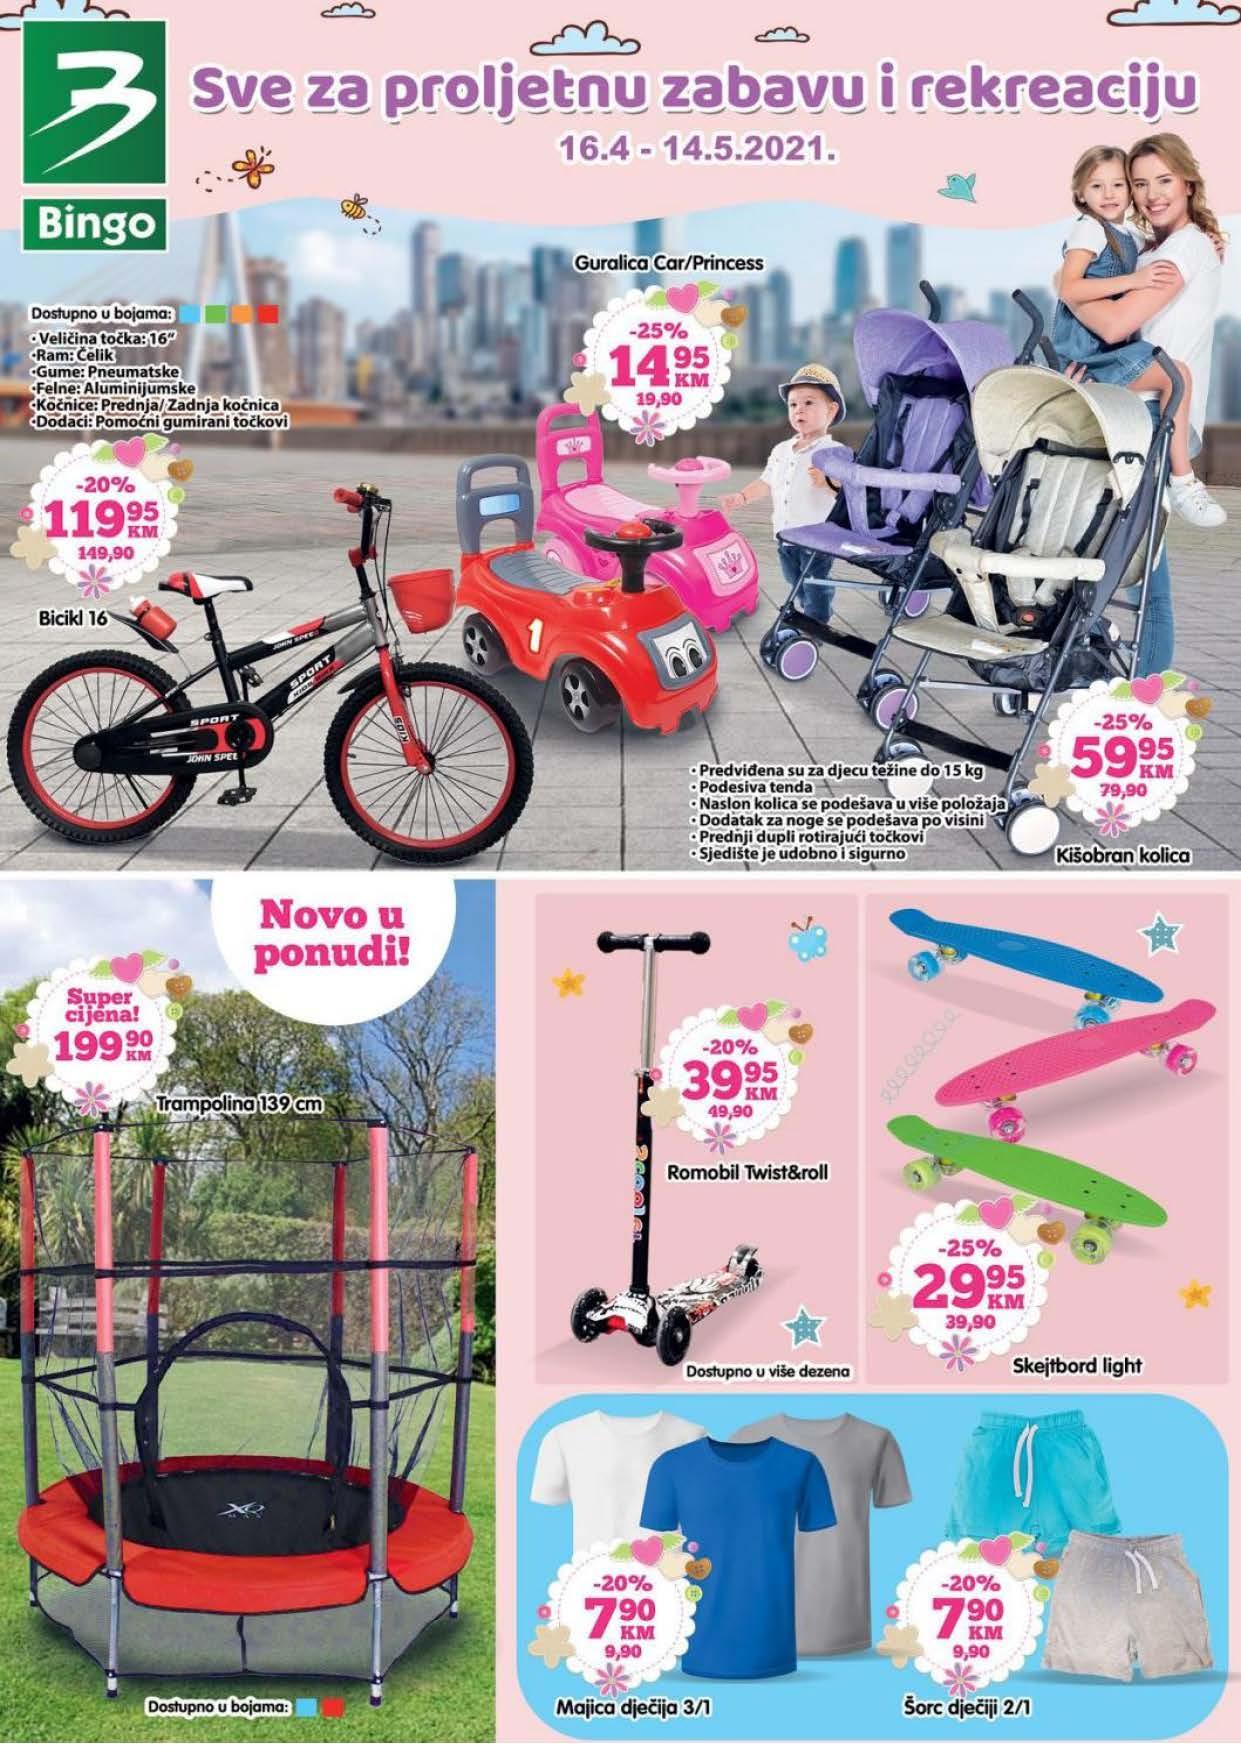 BINGO Katalog Sve za proljetnu zabavu i rekreaciju April i MAJ 2021 16.04. 14.05.2021. Page 01